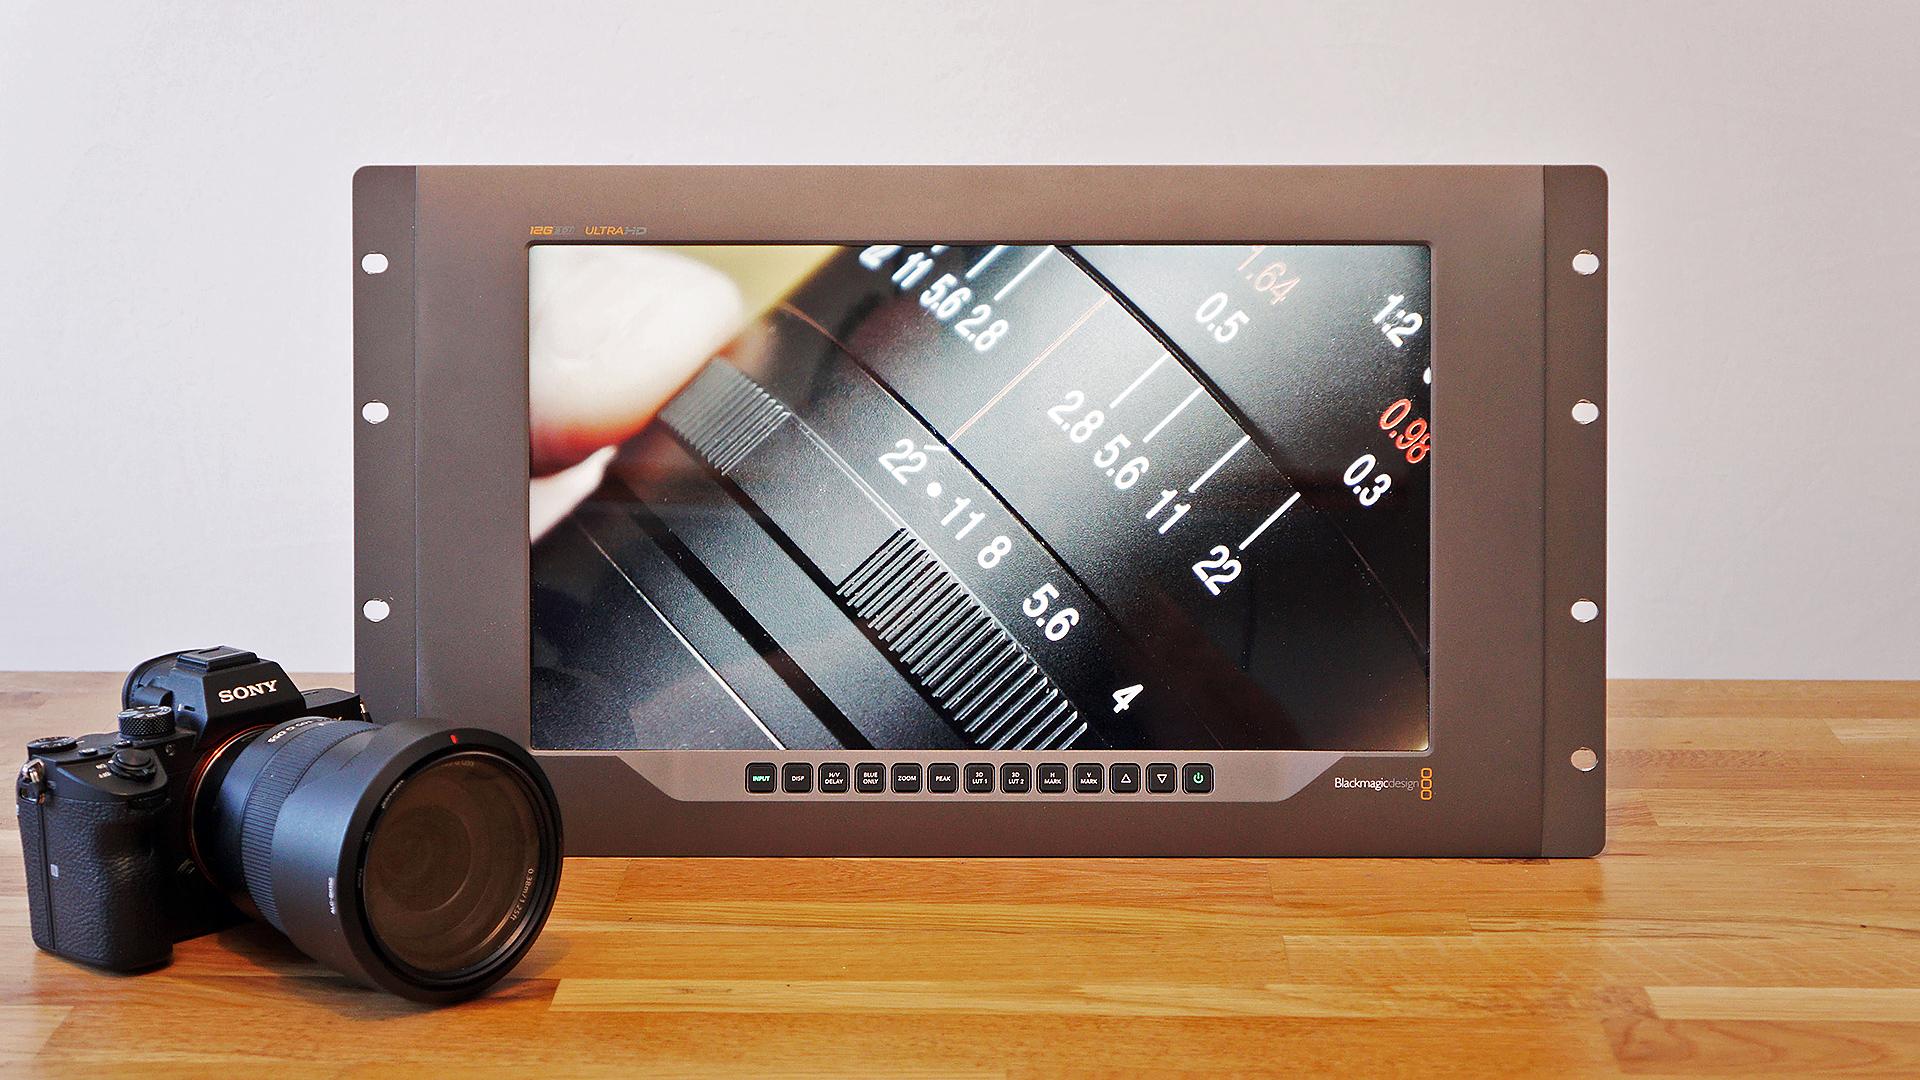 Blackmagic Design SmartView 4K review